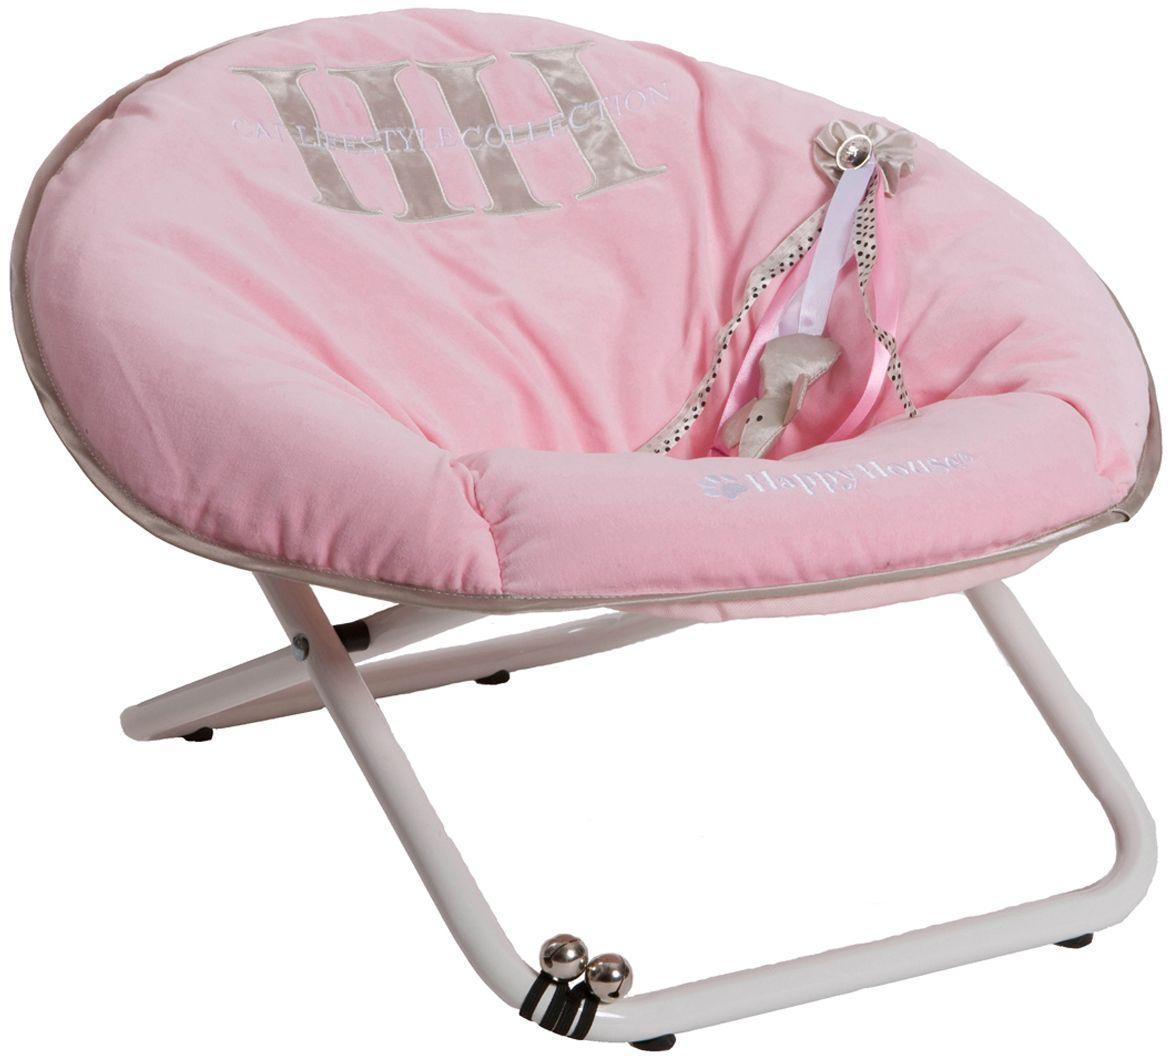 Стул для кошек Happy House Cat Lifestyle, цвет: розовый, 55 х 51 х 36 см8308-1Стул для животных Happy House Cat Lifestyle - прекрасный большой стул для кошки. Стул имеет металлический каркас и сиденье, выполненное из полиэстера с наполнителем из полиэстерового волокна. Сиденье легко снимается с каркаса. Его можно стирать при температуре 30°С. На сиденье имеется игрушка. С таким стулом вашей кошке не придется скучать. Максимальная вместимость стула - 15 кг. На таком стуле вашему любимцу будет мягко и тепло. Он подарит вашему питомцу ощущение уюта и уединенности.